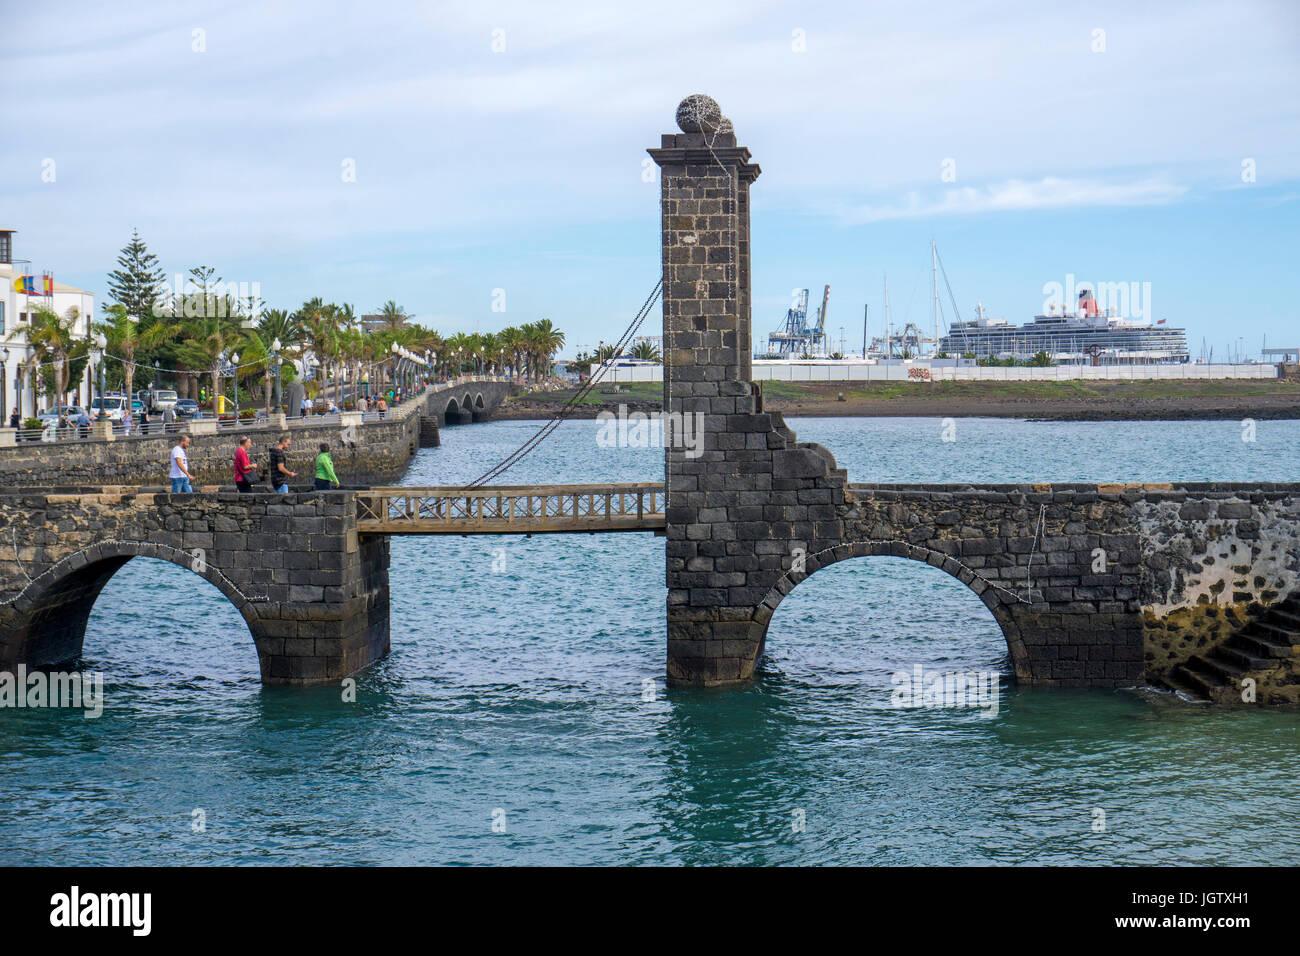 Drawbridge Puente de las Bolas (Bowl bridge), connect Arrecife with fortress Castillo de San Gabriel, Arrecife, Stock Photo